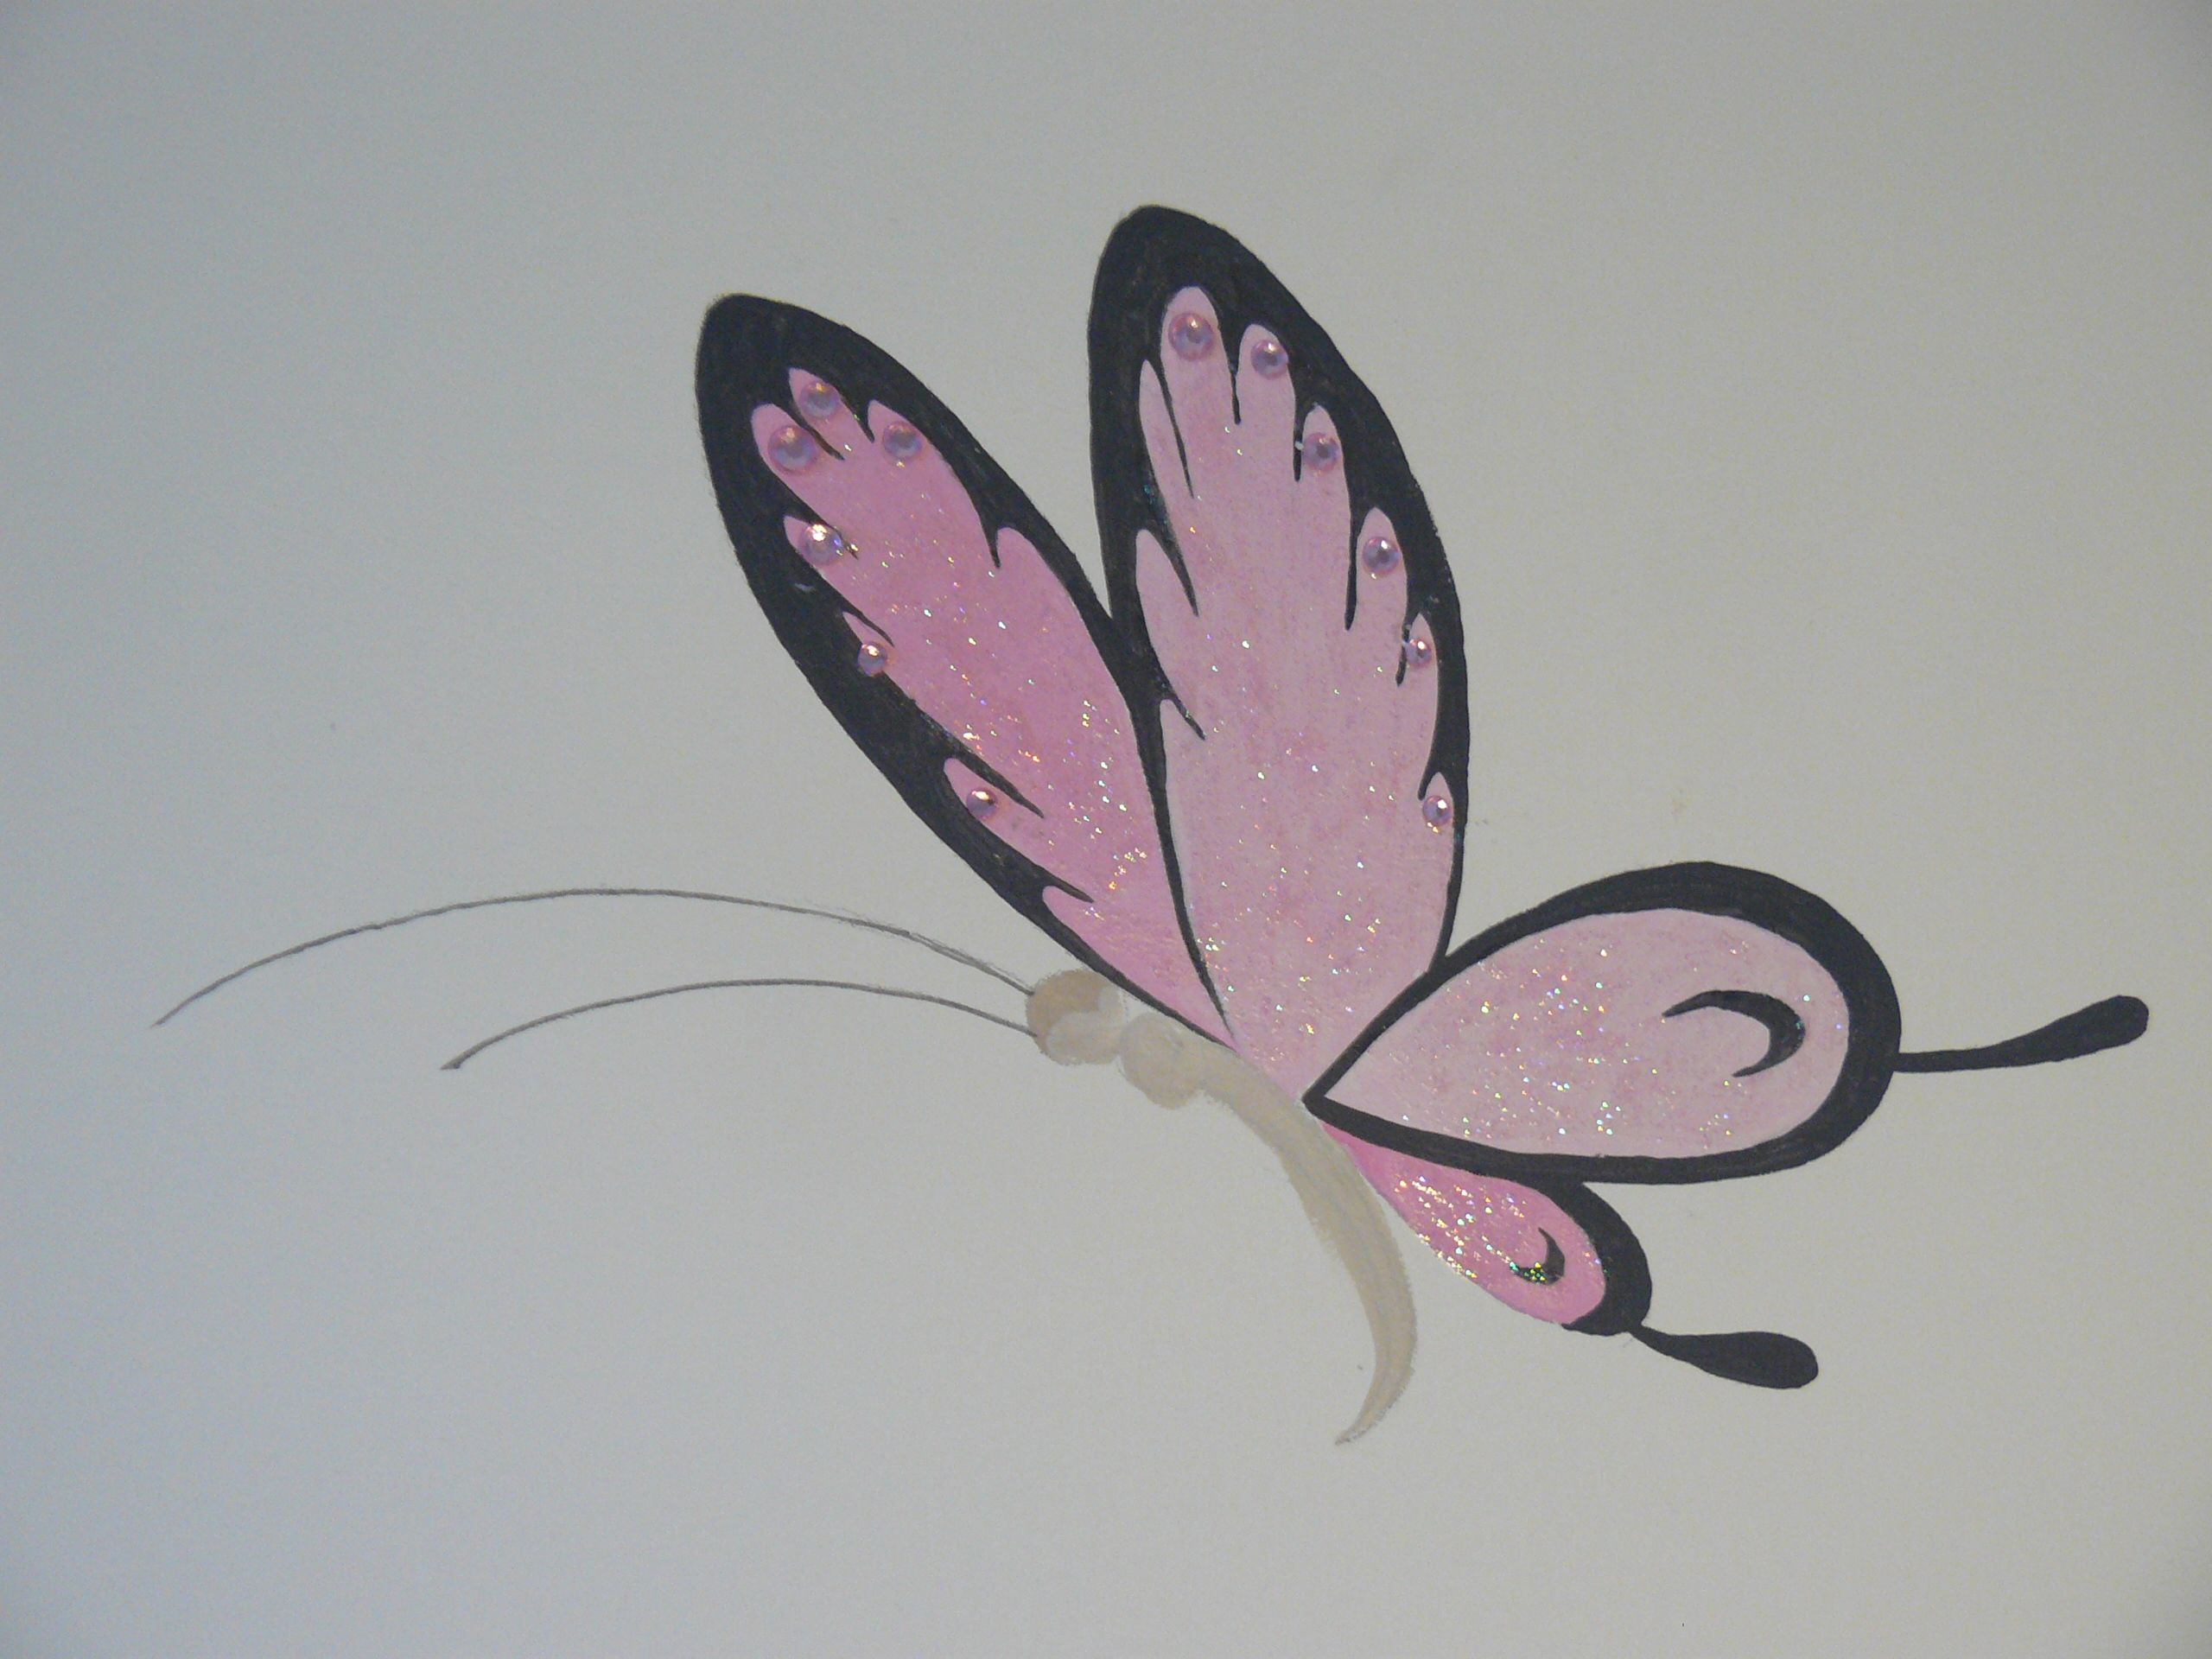 Muurschildering babykamer van me to you beer close up vlinder voorzien van glitters en strass - Nieuw muurschildering ...